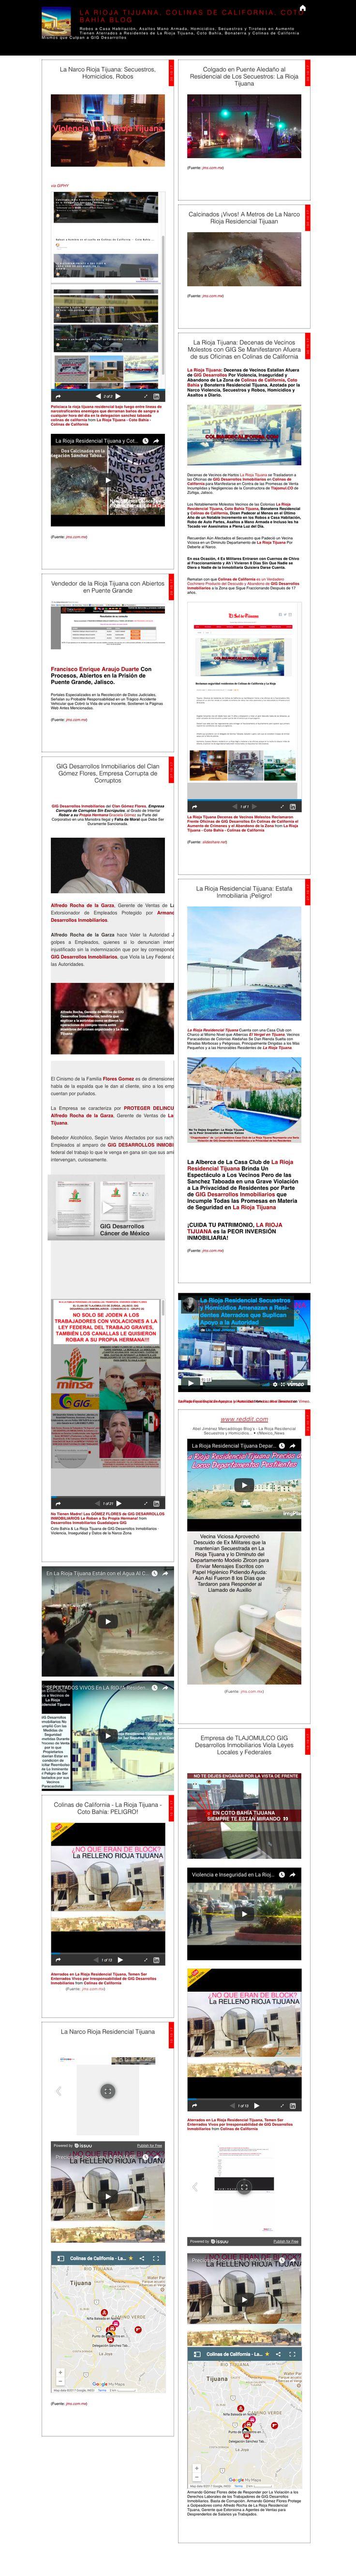 La Rioja Residencial Tijuana: Denuncias de Vecinos Hartos de la Inseguridad, Violencia, Narco, Secuestros, Homicidios y Robos  La Rioja Tijuana y Coto BahíaPadecen laViolencia Despiadada de Narcotráficantesque Disputan el Control de laDelegación Sánchez Taboada, en Donde También se EncuentraColinas de California:  Se Trata de una de las Delegaciones Municipales Más Pobres y Violentas de Baja California, con   Robos a Casa Habitación, Asaltos Mano Armada, Homicidios, Secuestros y…